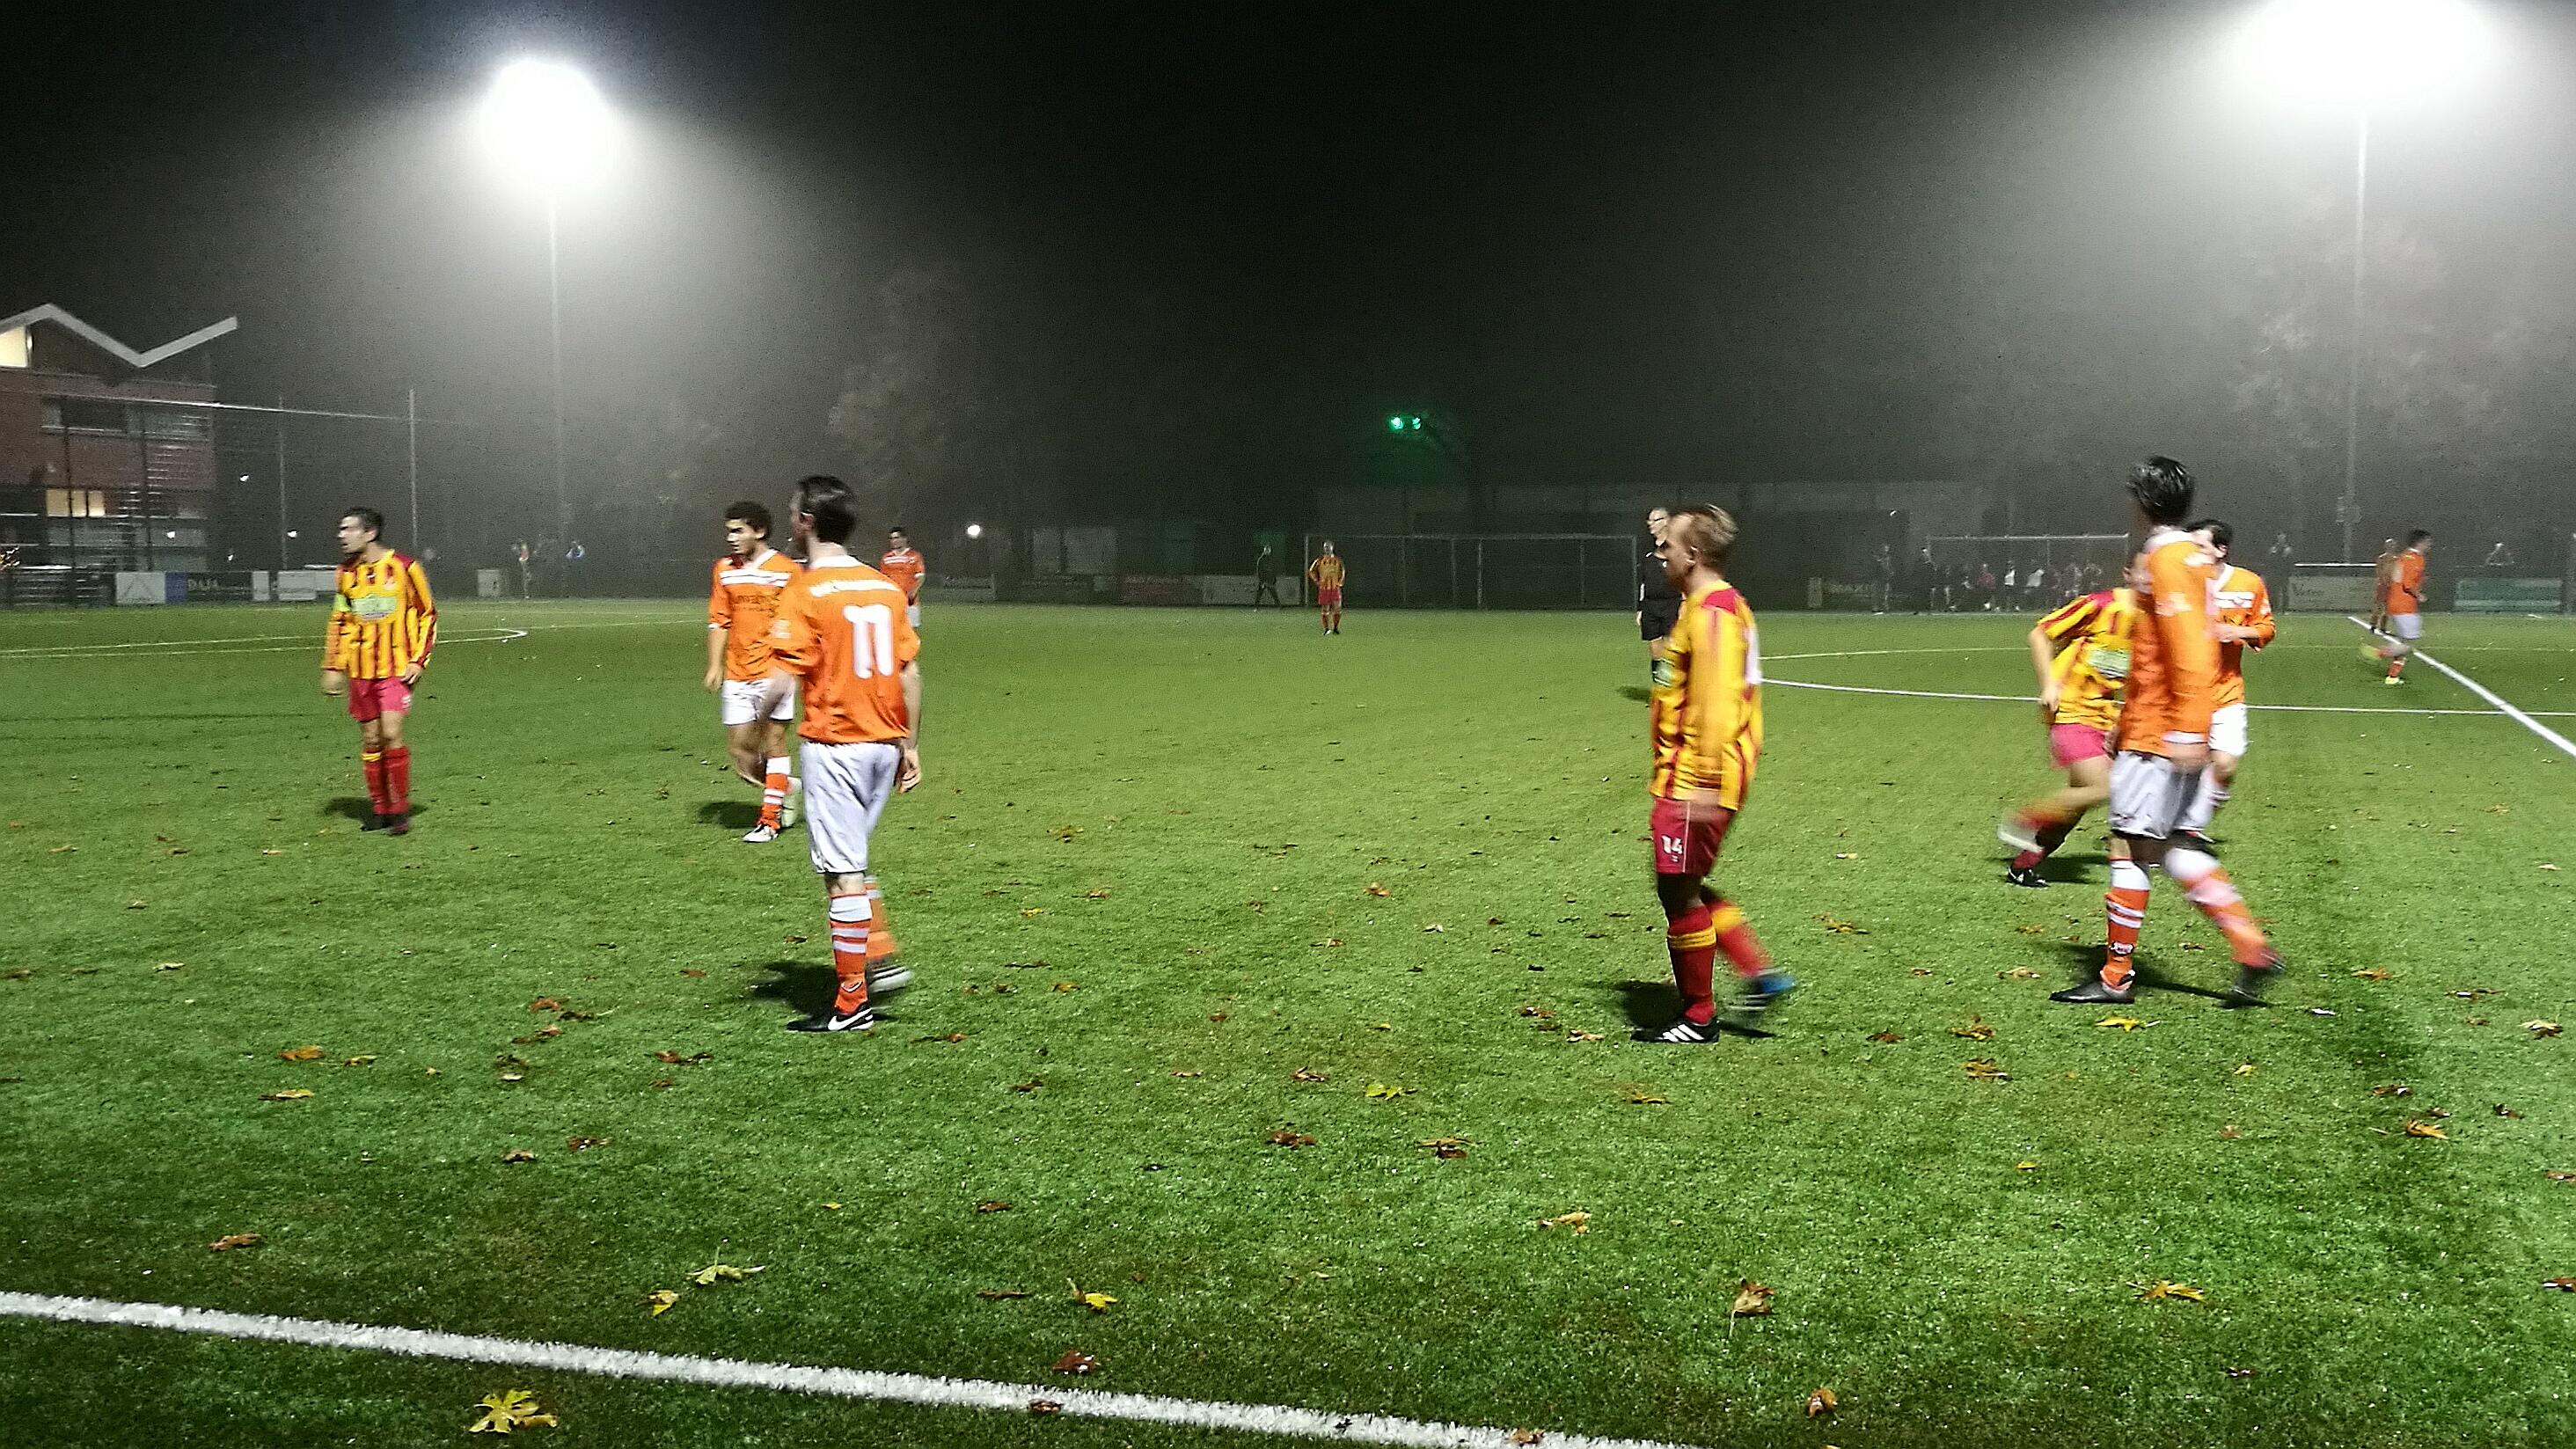 DSK - Bloemendaal - Voetbal in Haarlem